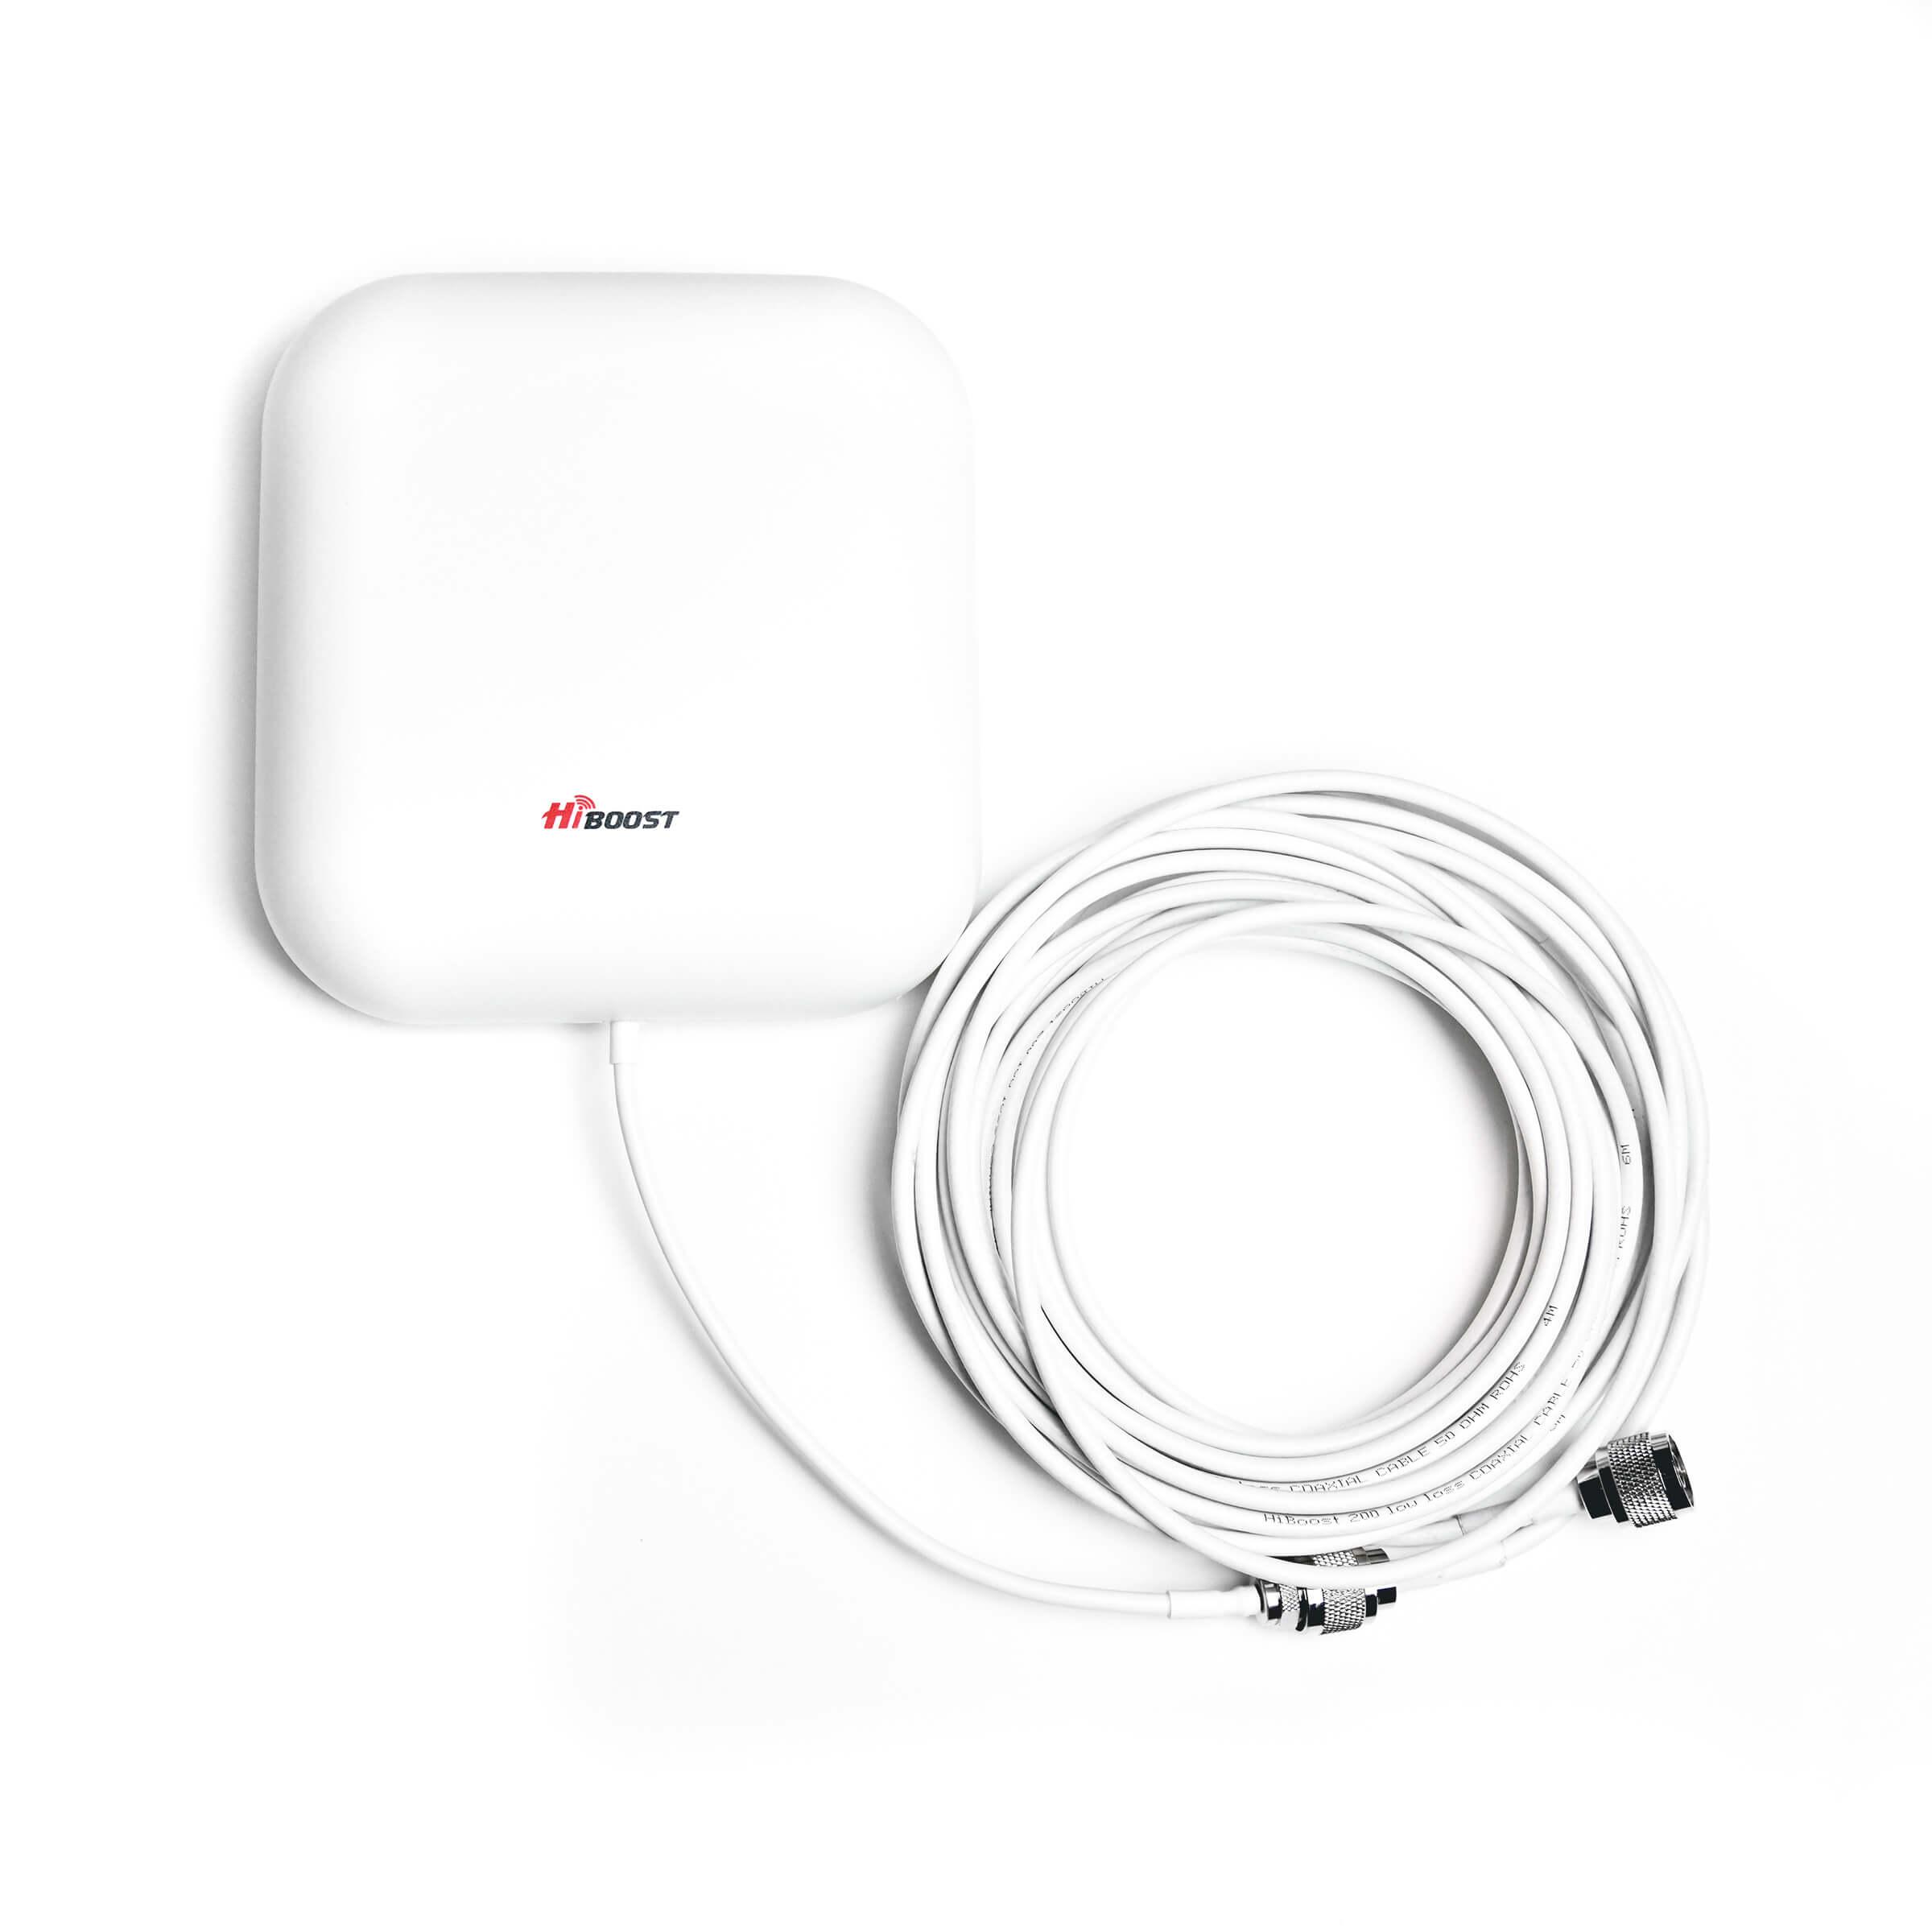 HiBoost Antenna Expansion Kit